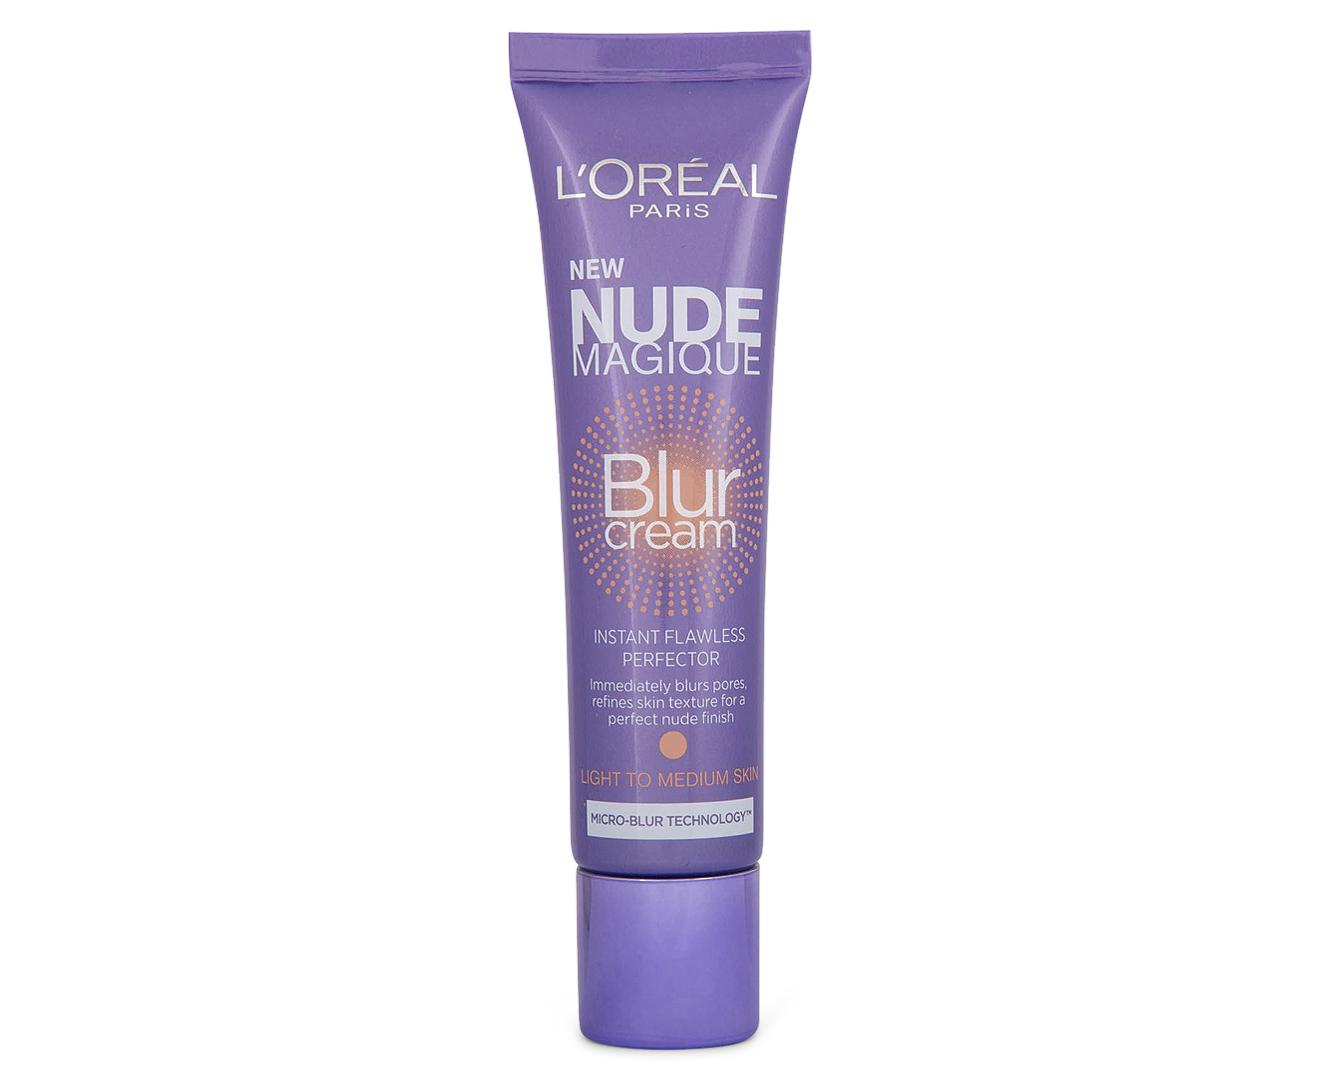 LOréal Paris Nude Magique Blur Cream